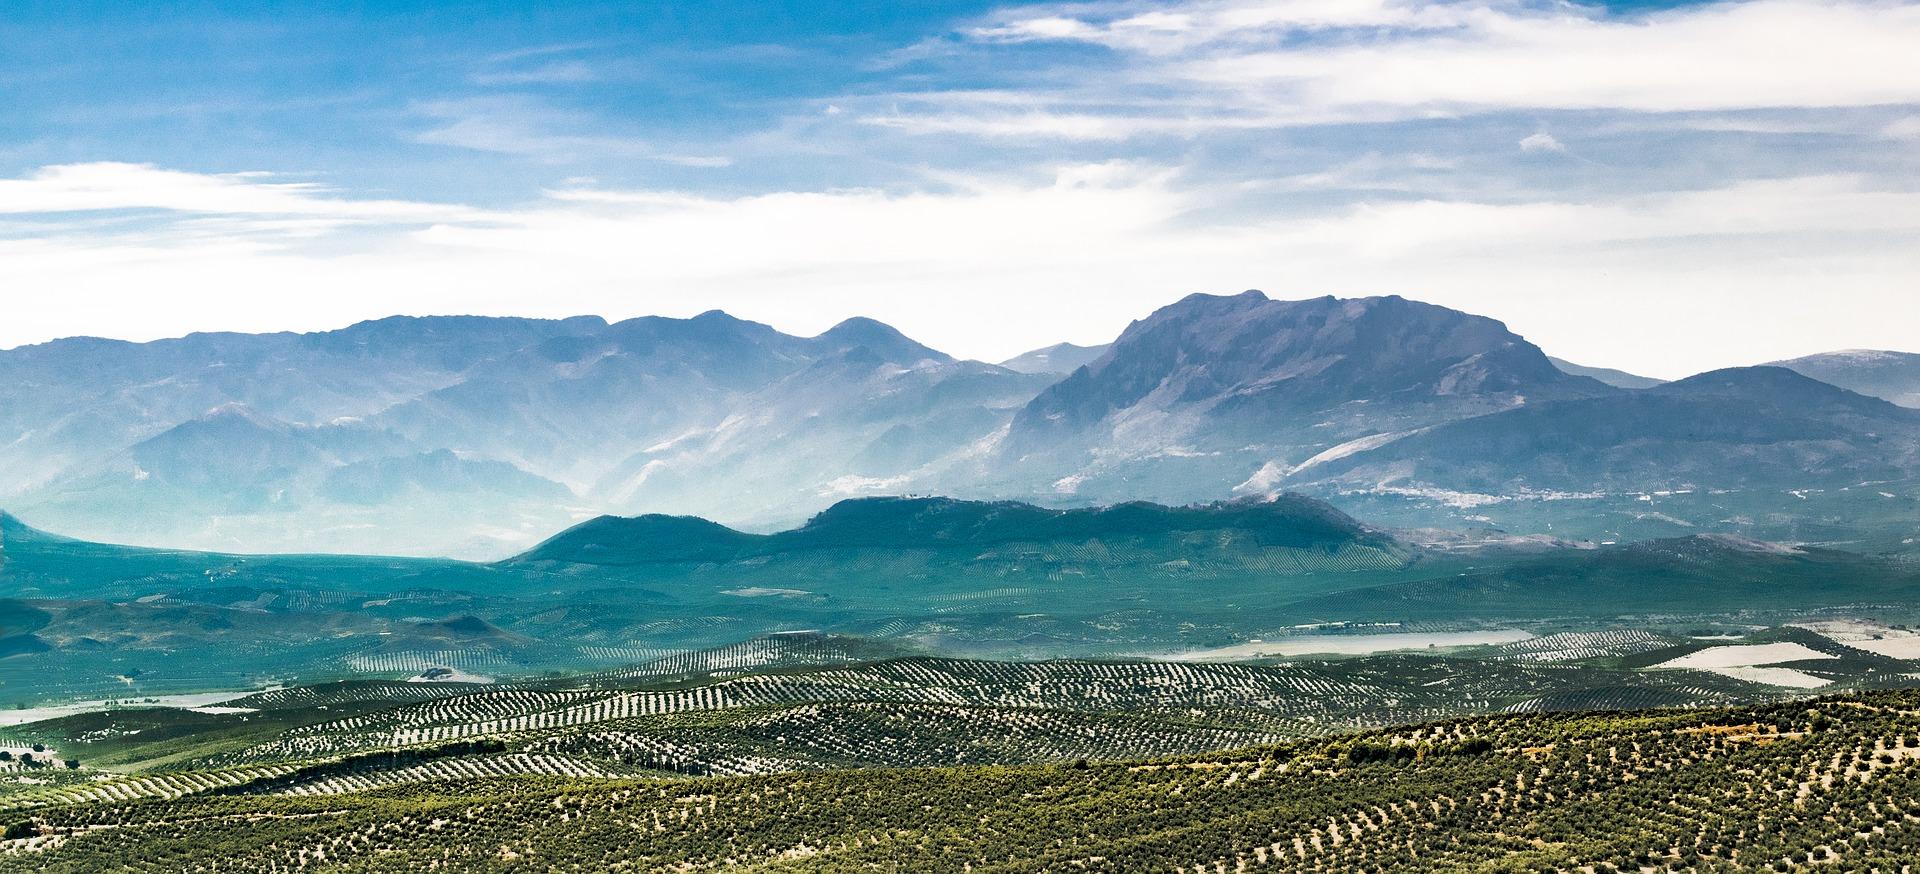 Turismo Ubeda y Baeza: mar de olivos